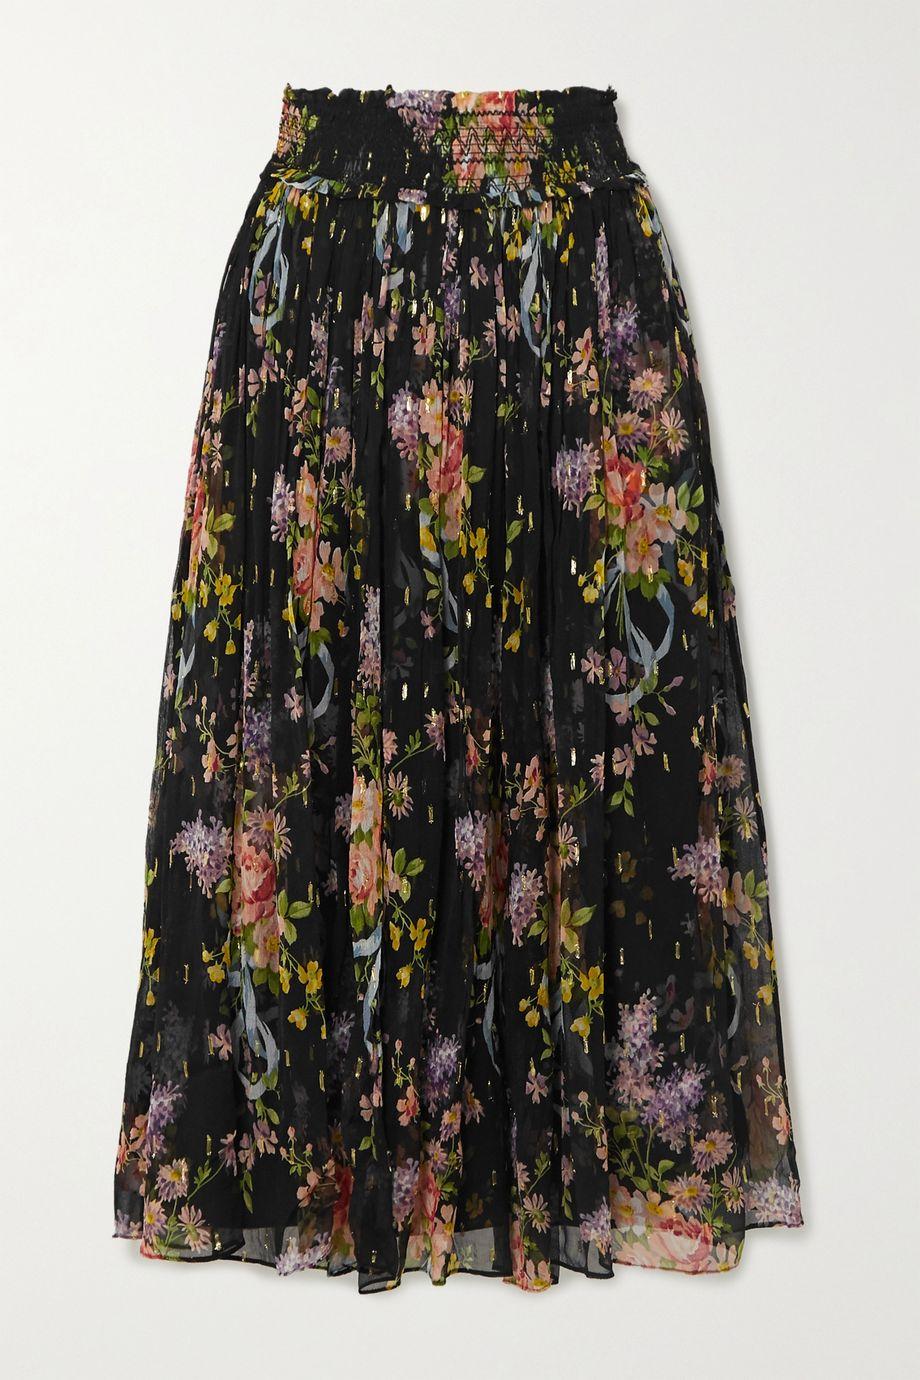 Needle & Thread 皱褶装饰金属感花卉印花刺绣提花雪纺绸中长半身裙